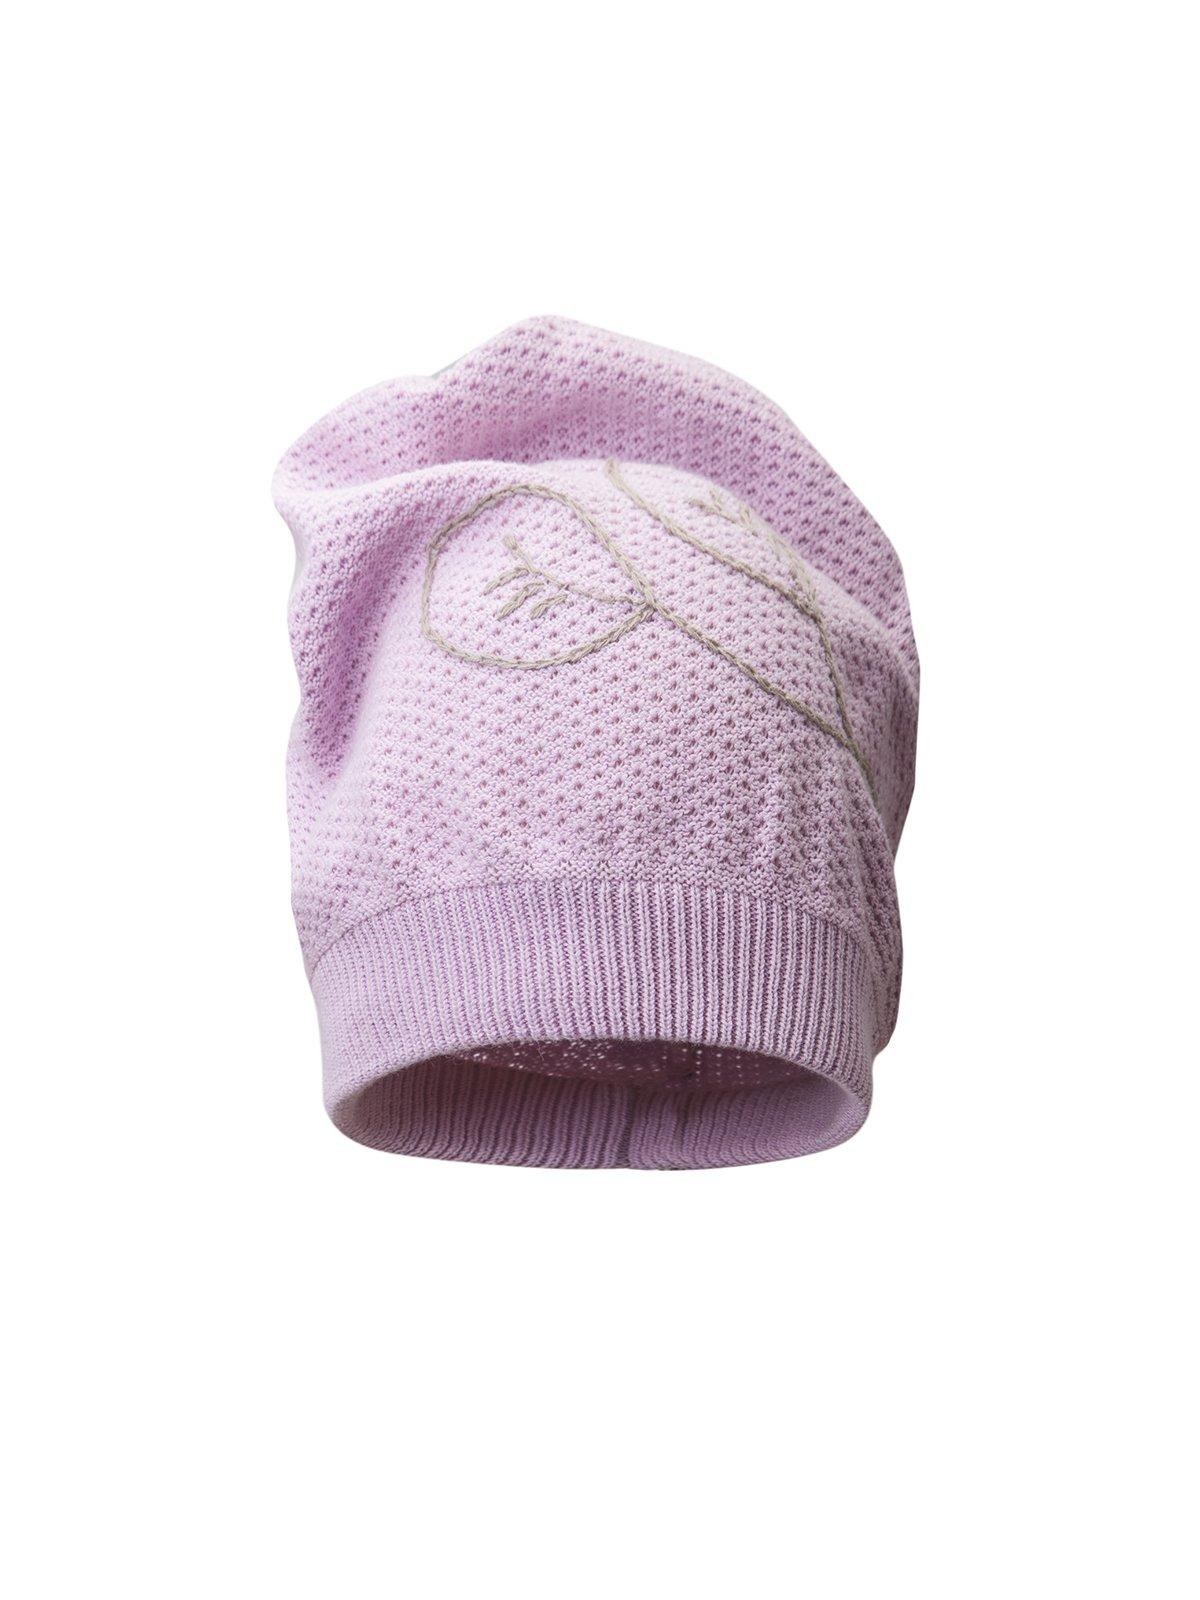 Шапка розовая с вышивкой | 311817